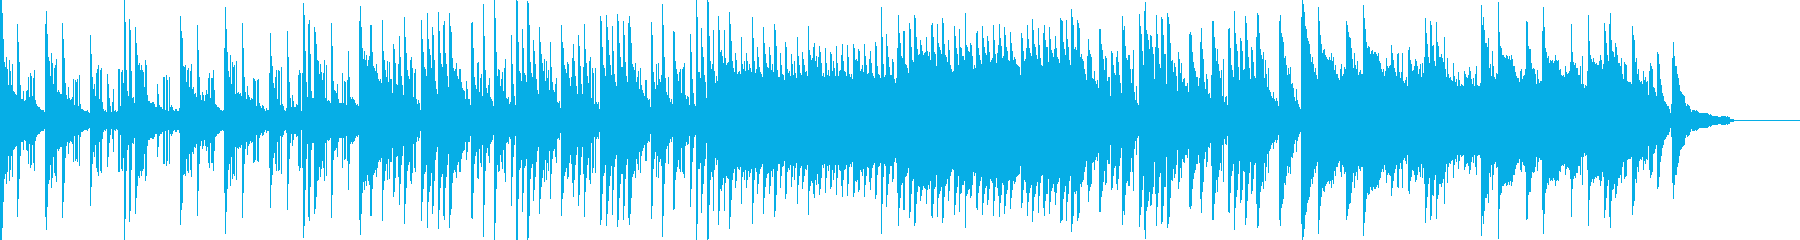 キラキラしたイルミネーションのような曲の再生済みの波形